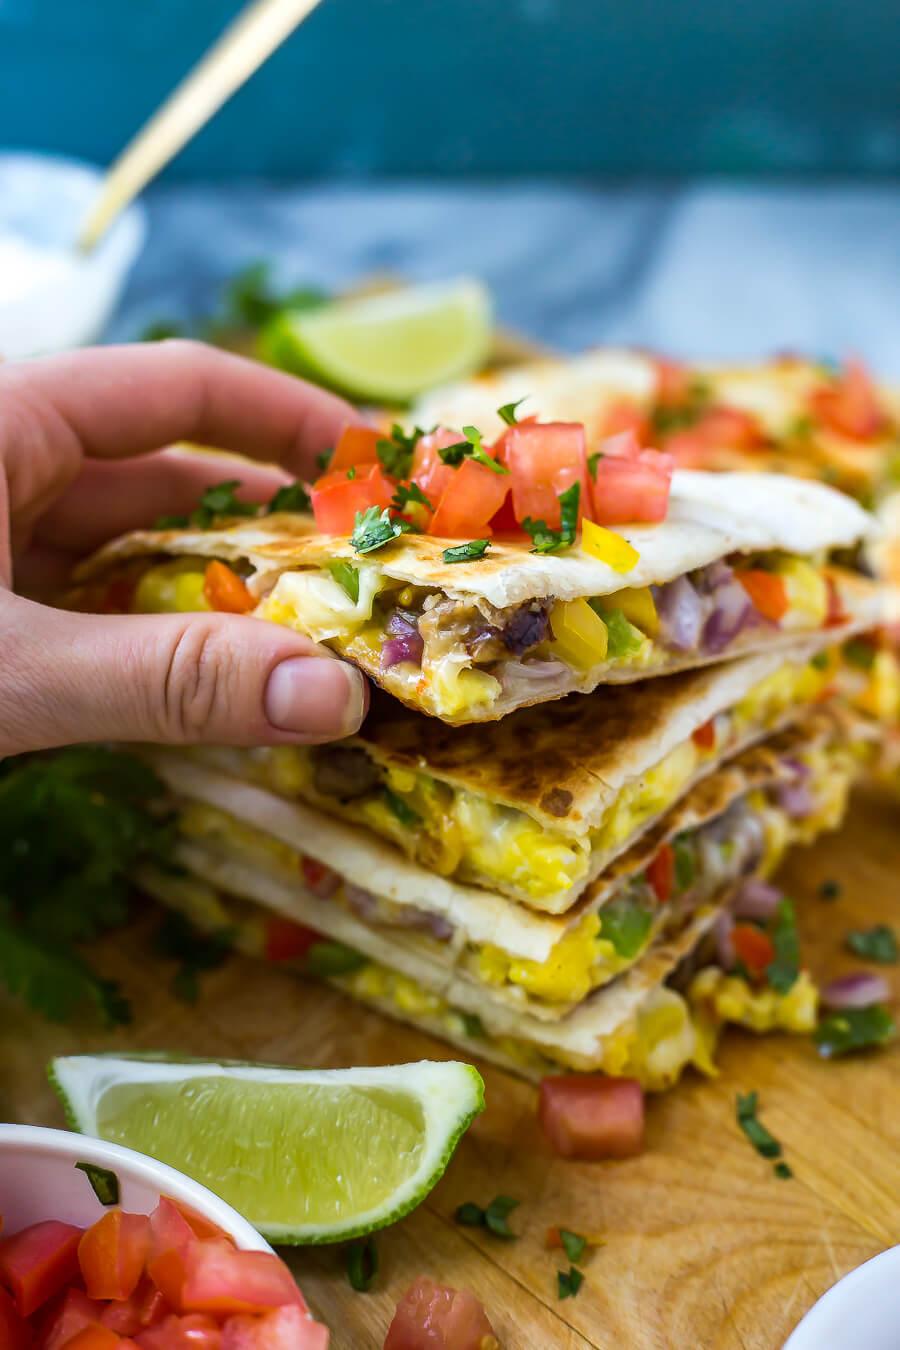 Freezer-Friendly-Tex-Mex-Breakfast-Quesadillas-9.jpg